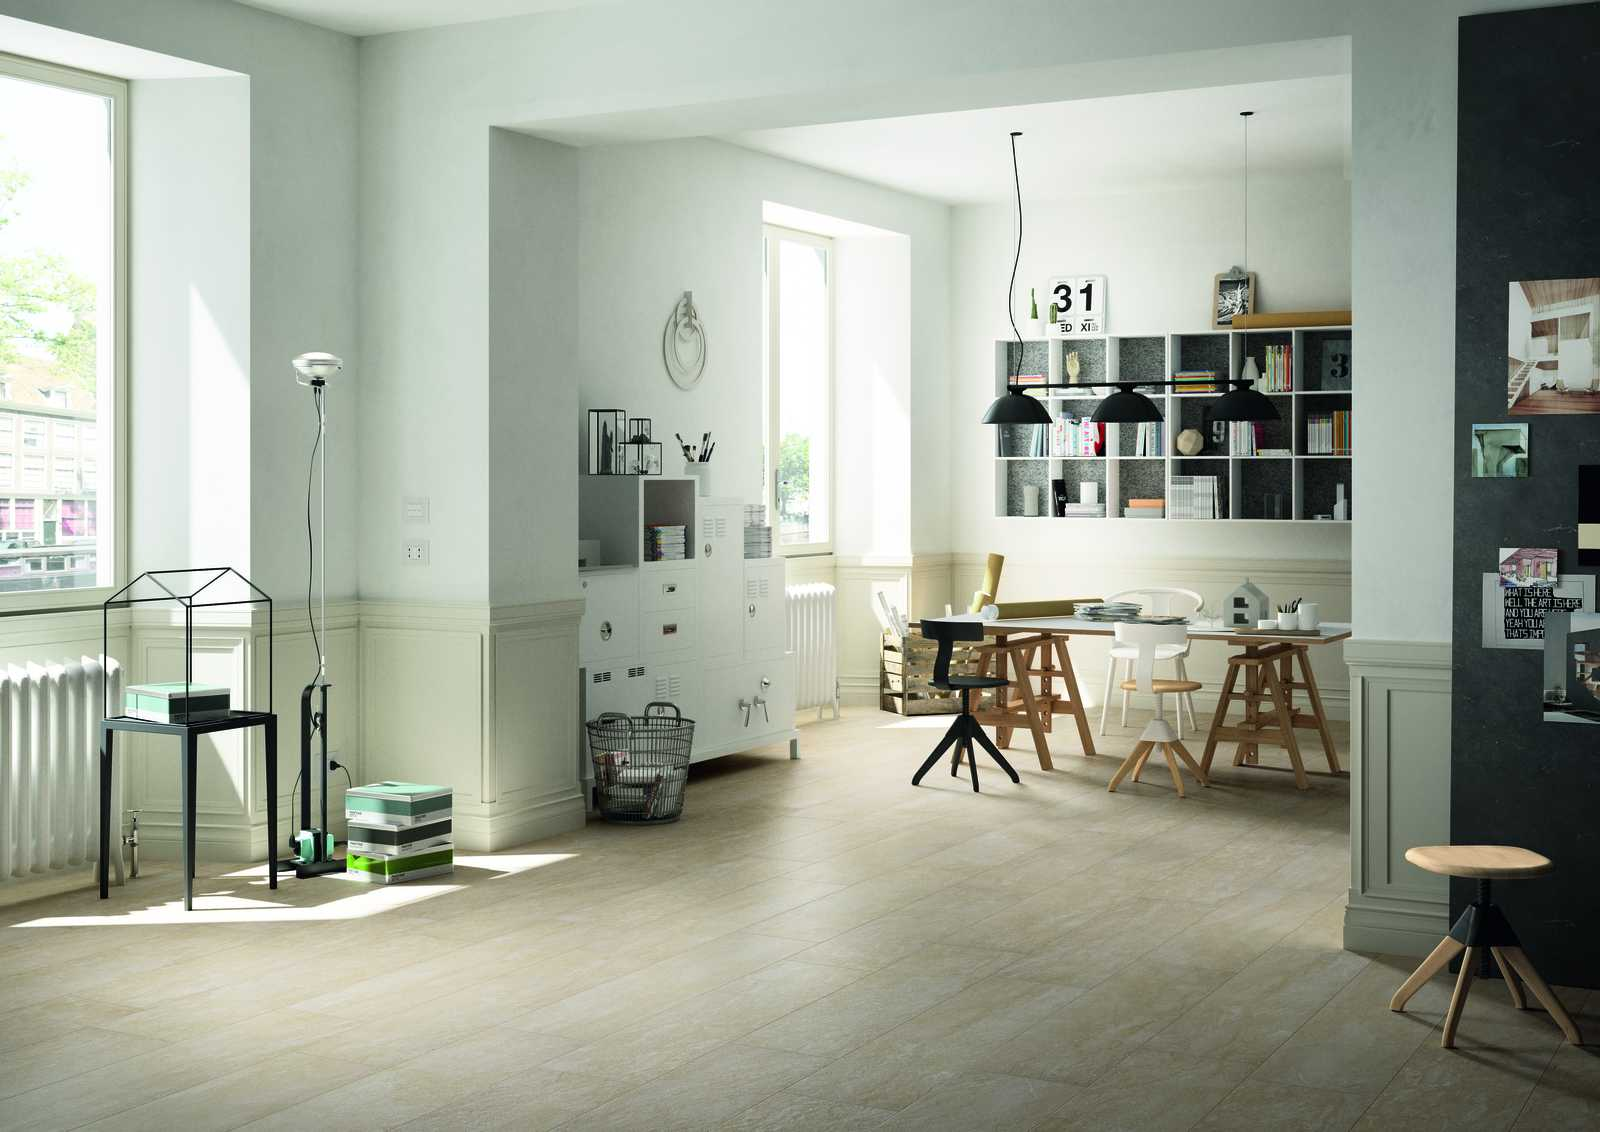 Pavimenti e rivestimenti di grandi formati marazzi - Rivestimenti cucina marazzi ...